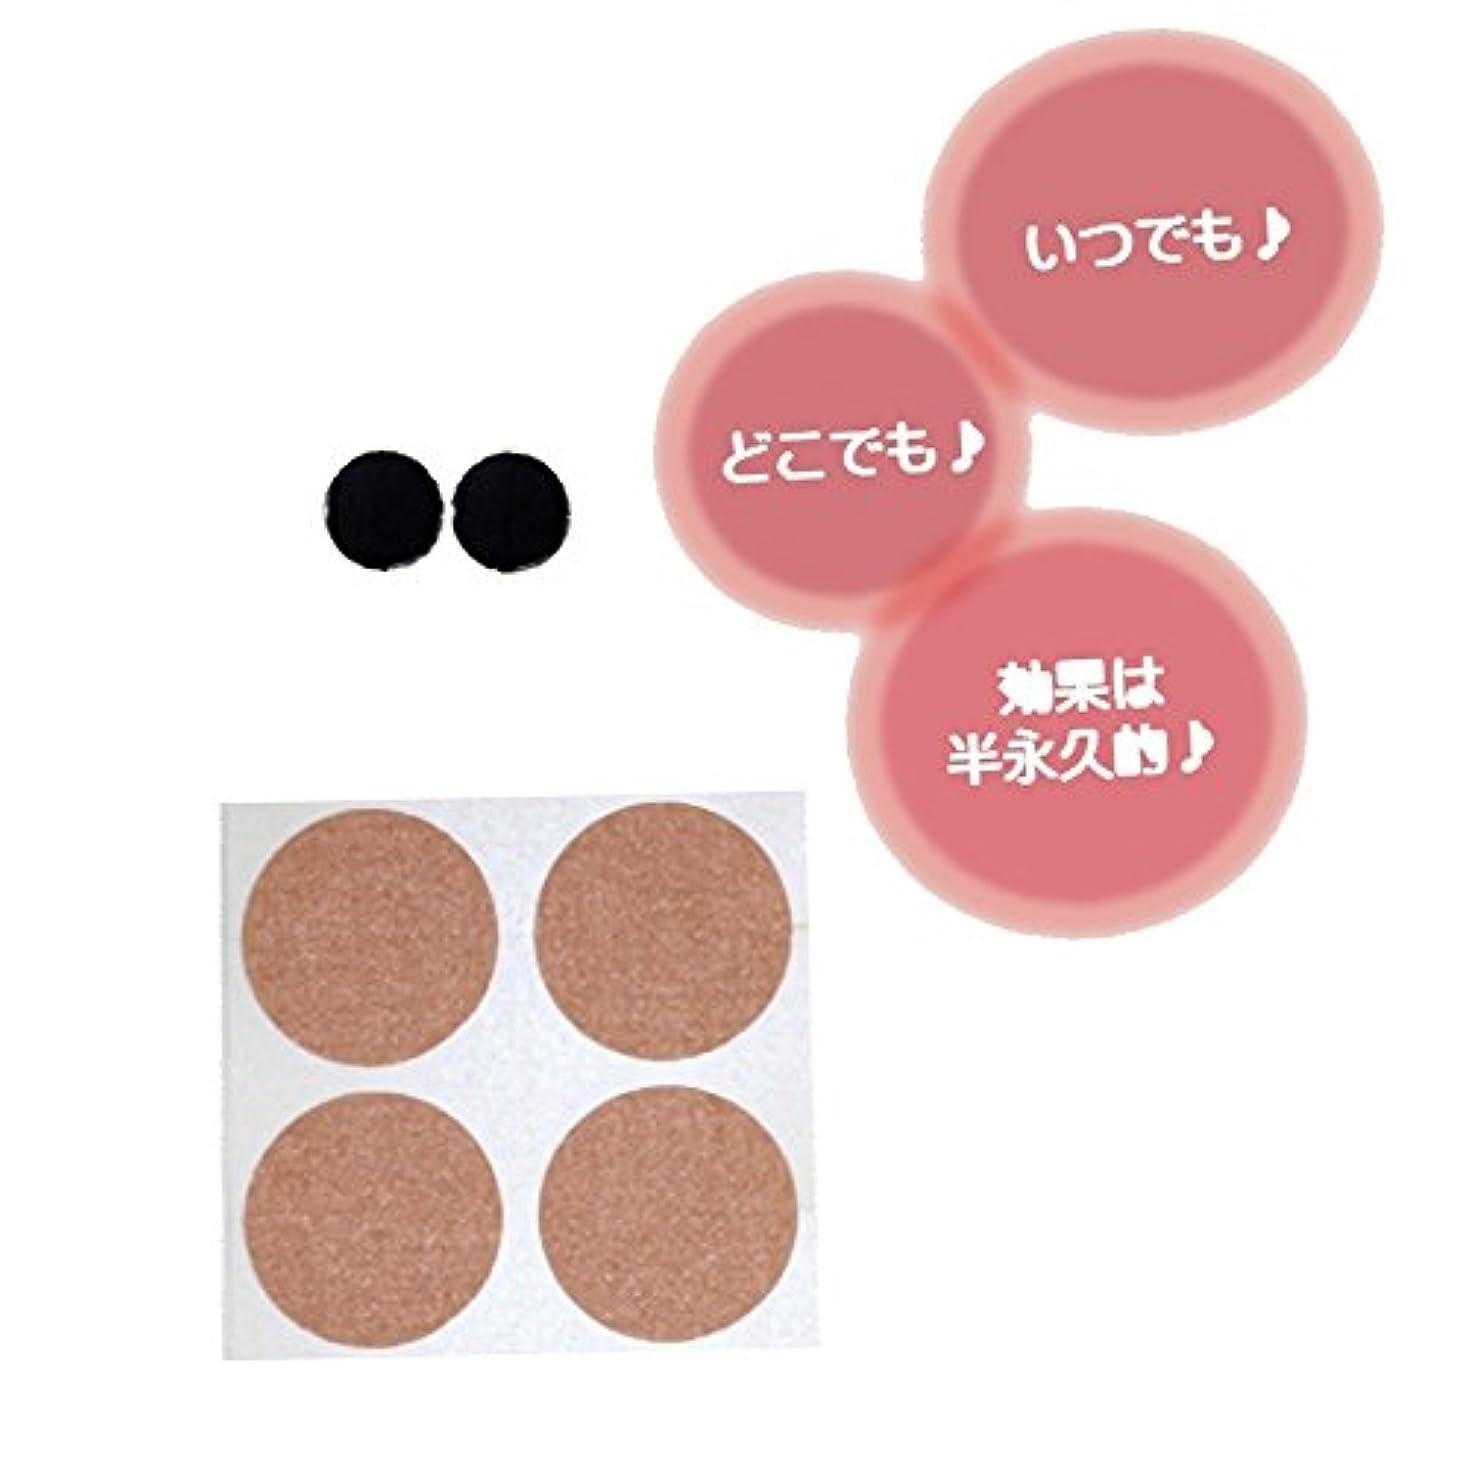 葉巻改修する微生物TQチップ2枚 効果は半永久的!貼っただけで心身のバランスがとれるTQチップ好きな所にお貼りください